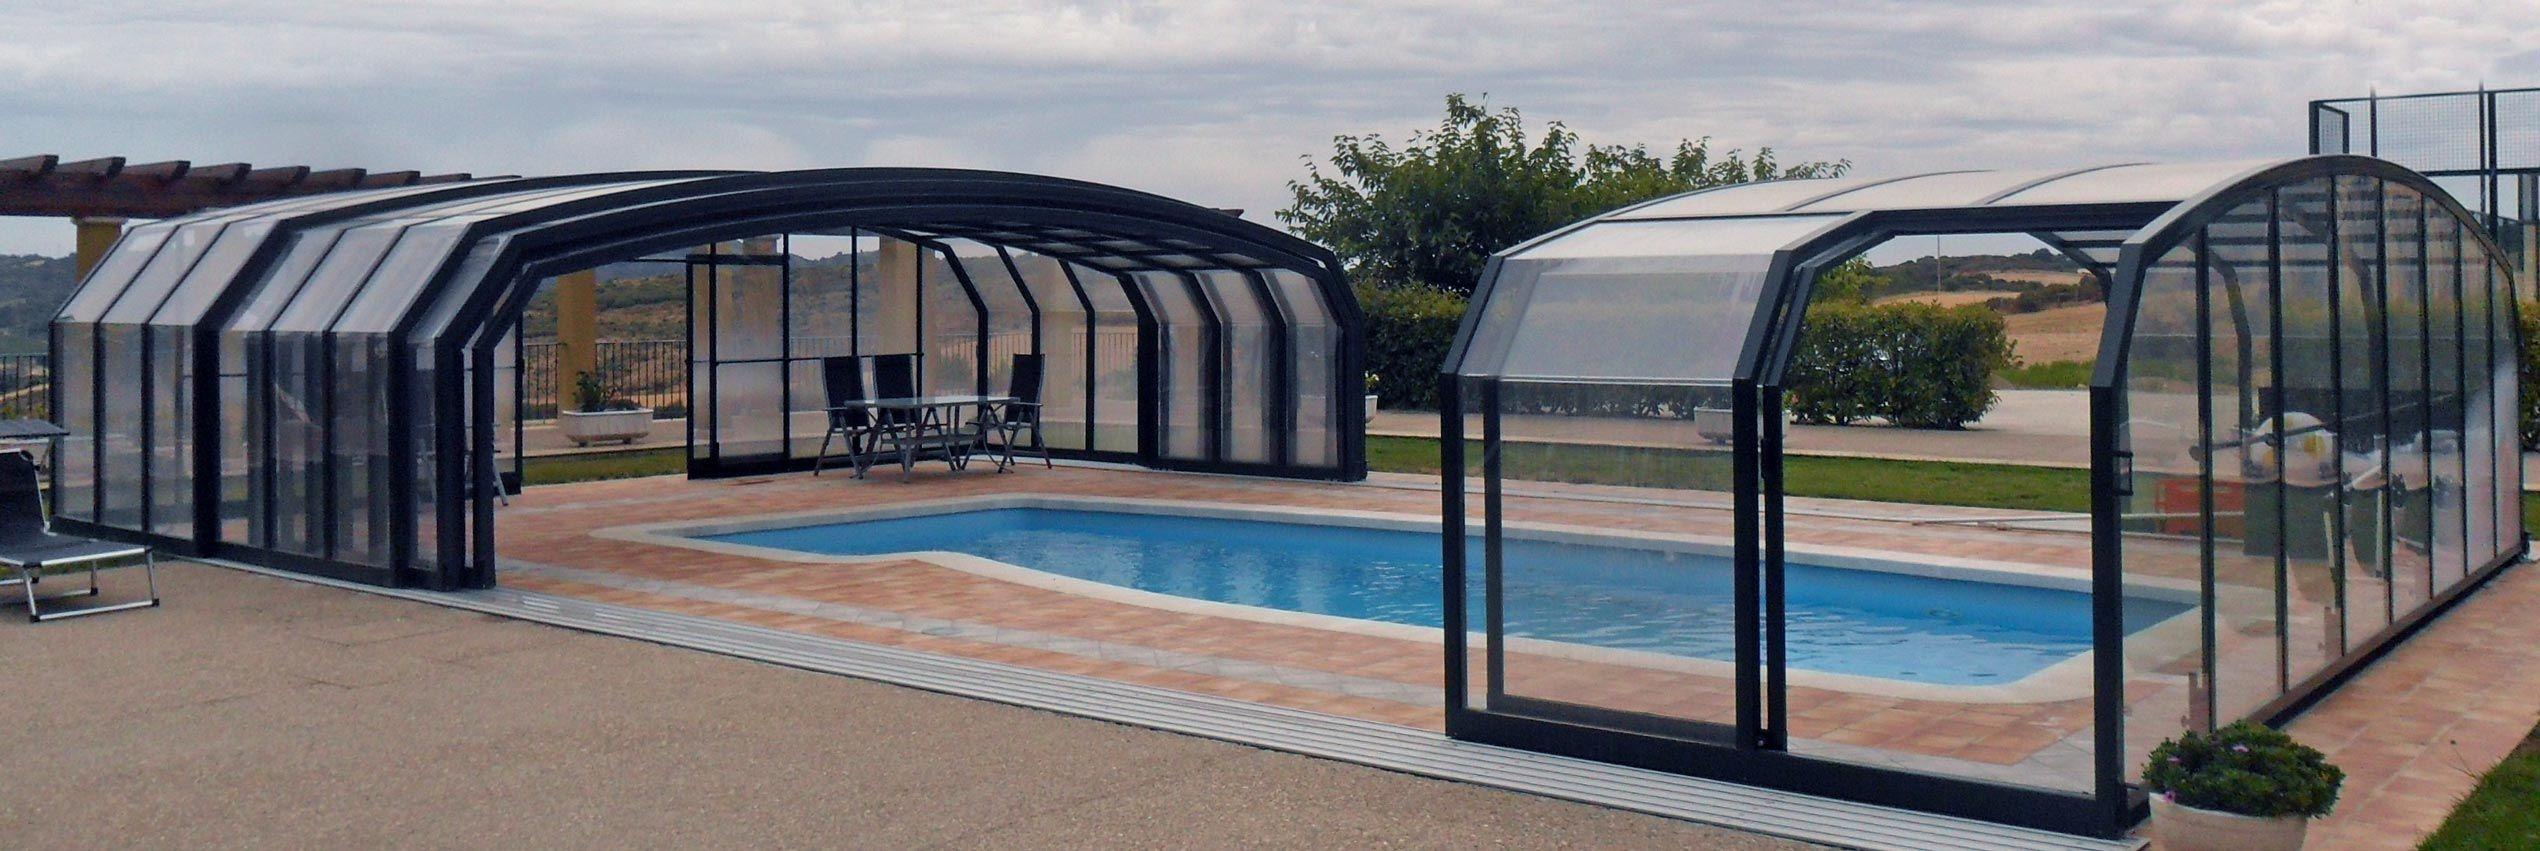 Copertura piscina aperta a metà